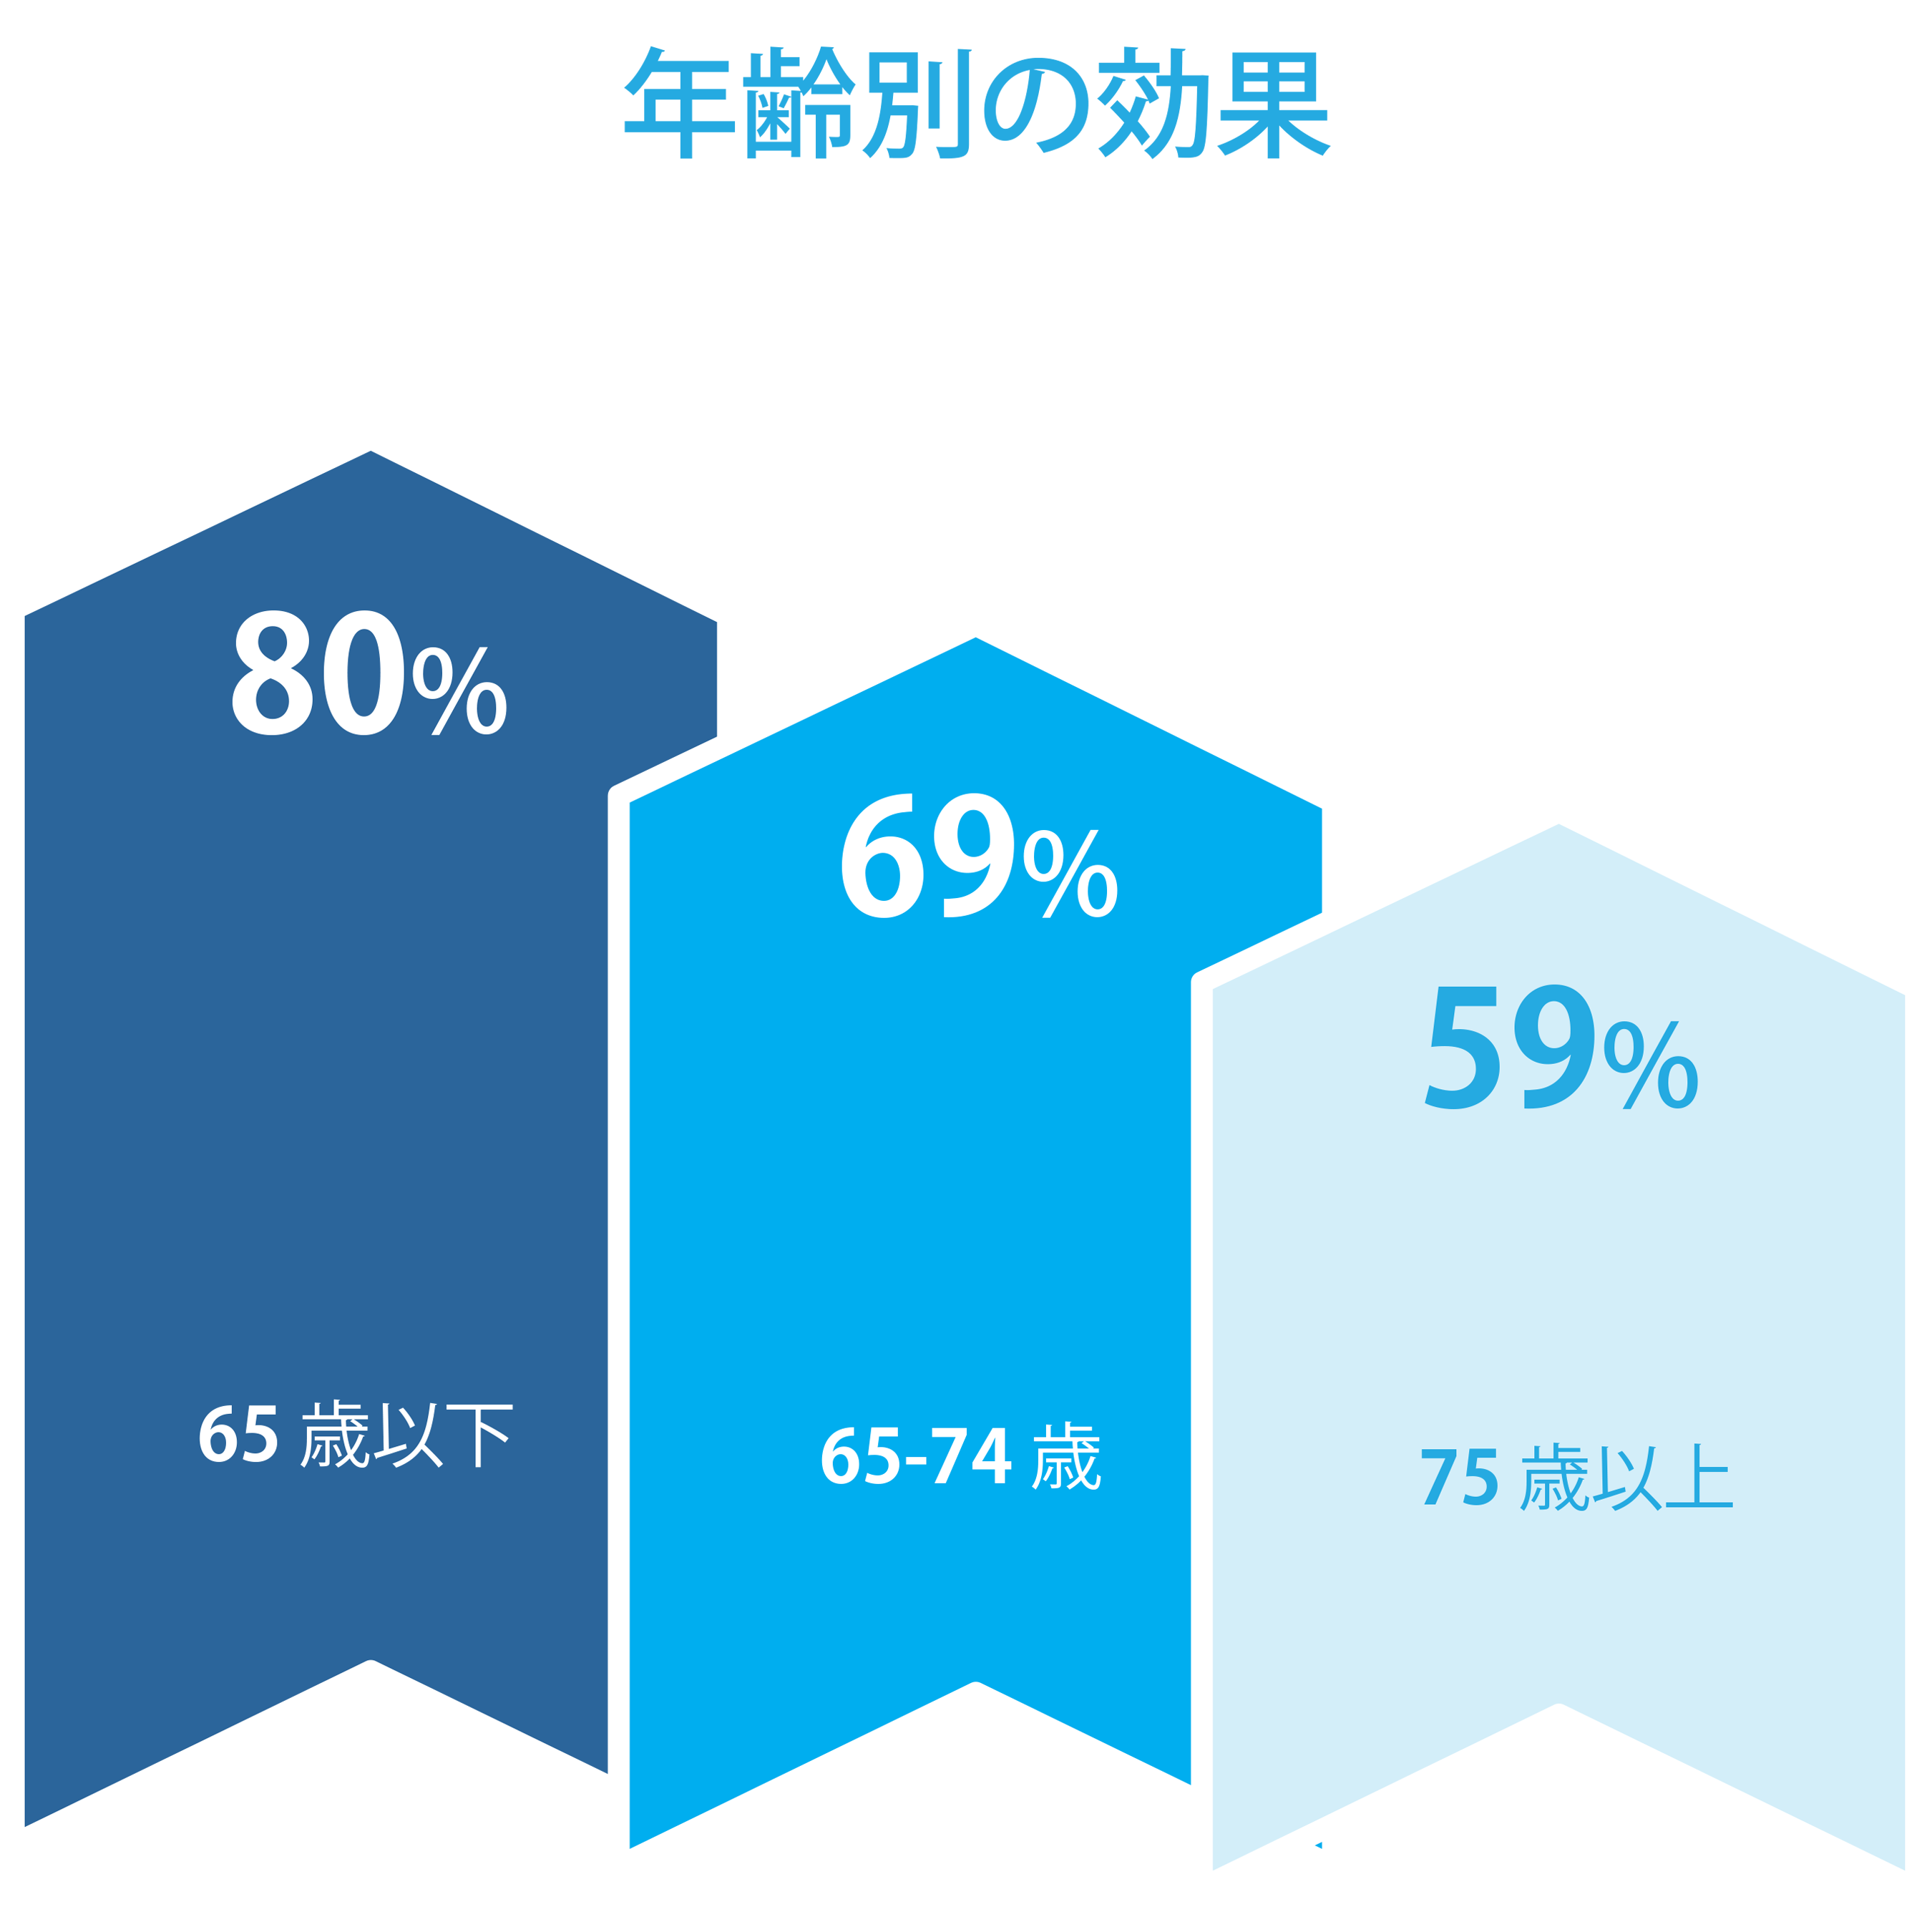 年齢別の効果: バイアグラの有効性は年齢要因によって異なります。75年後、有効性は59%に低下する可能性があります